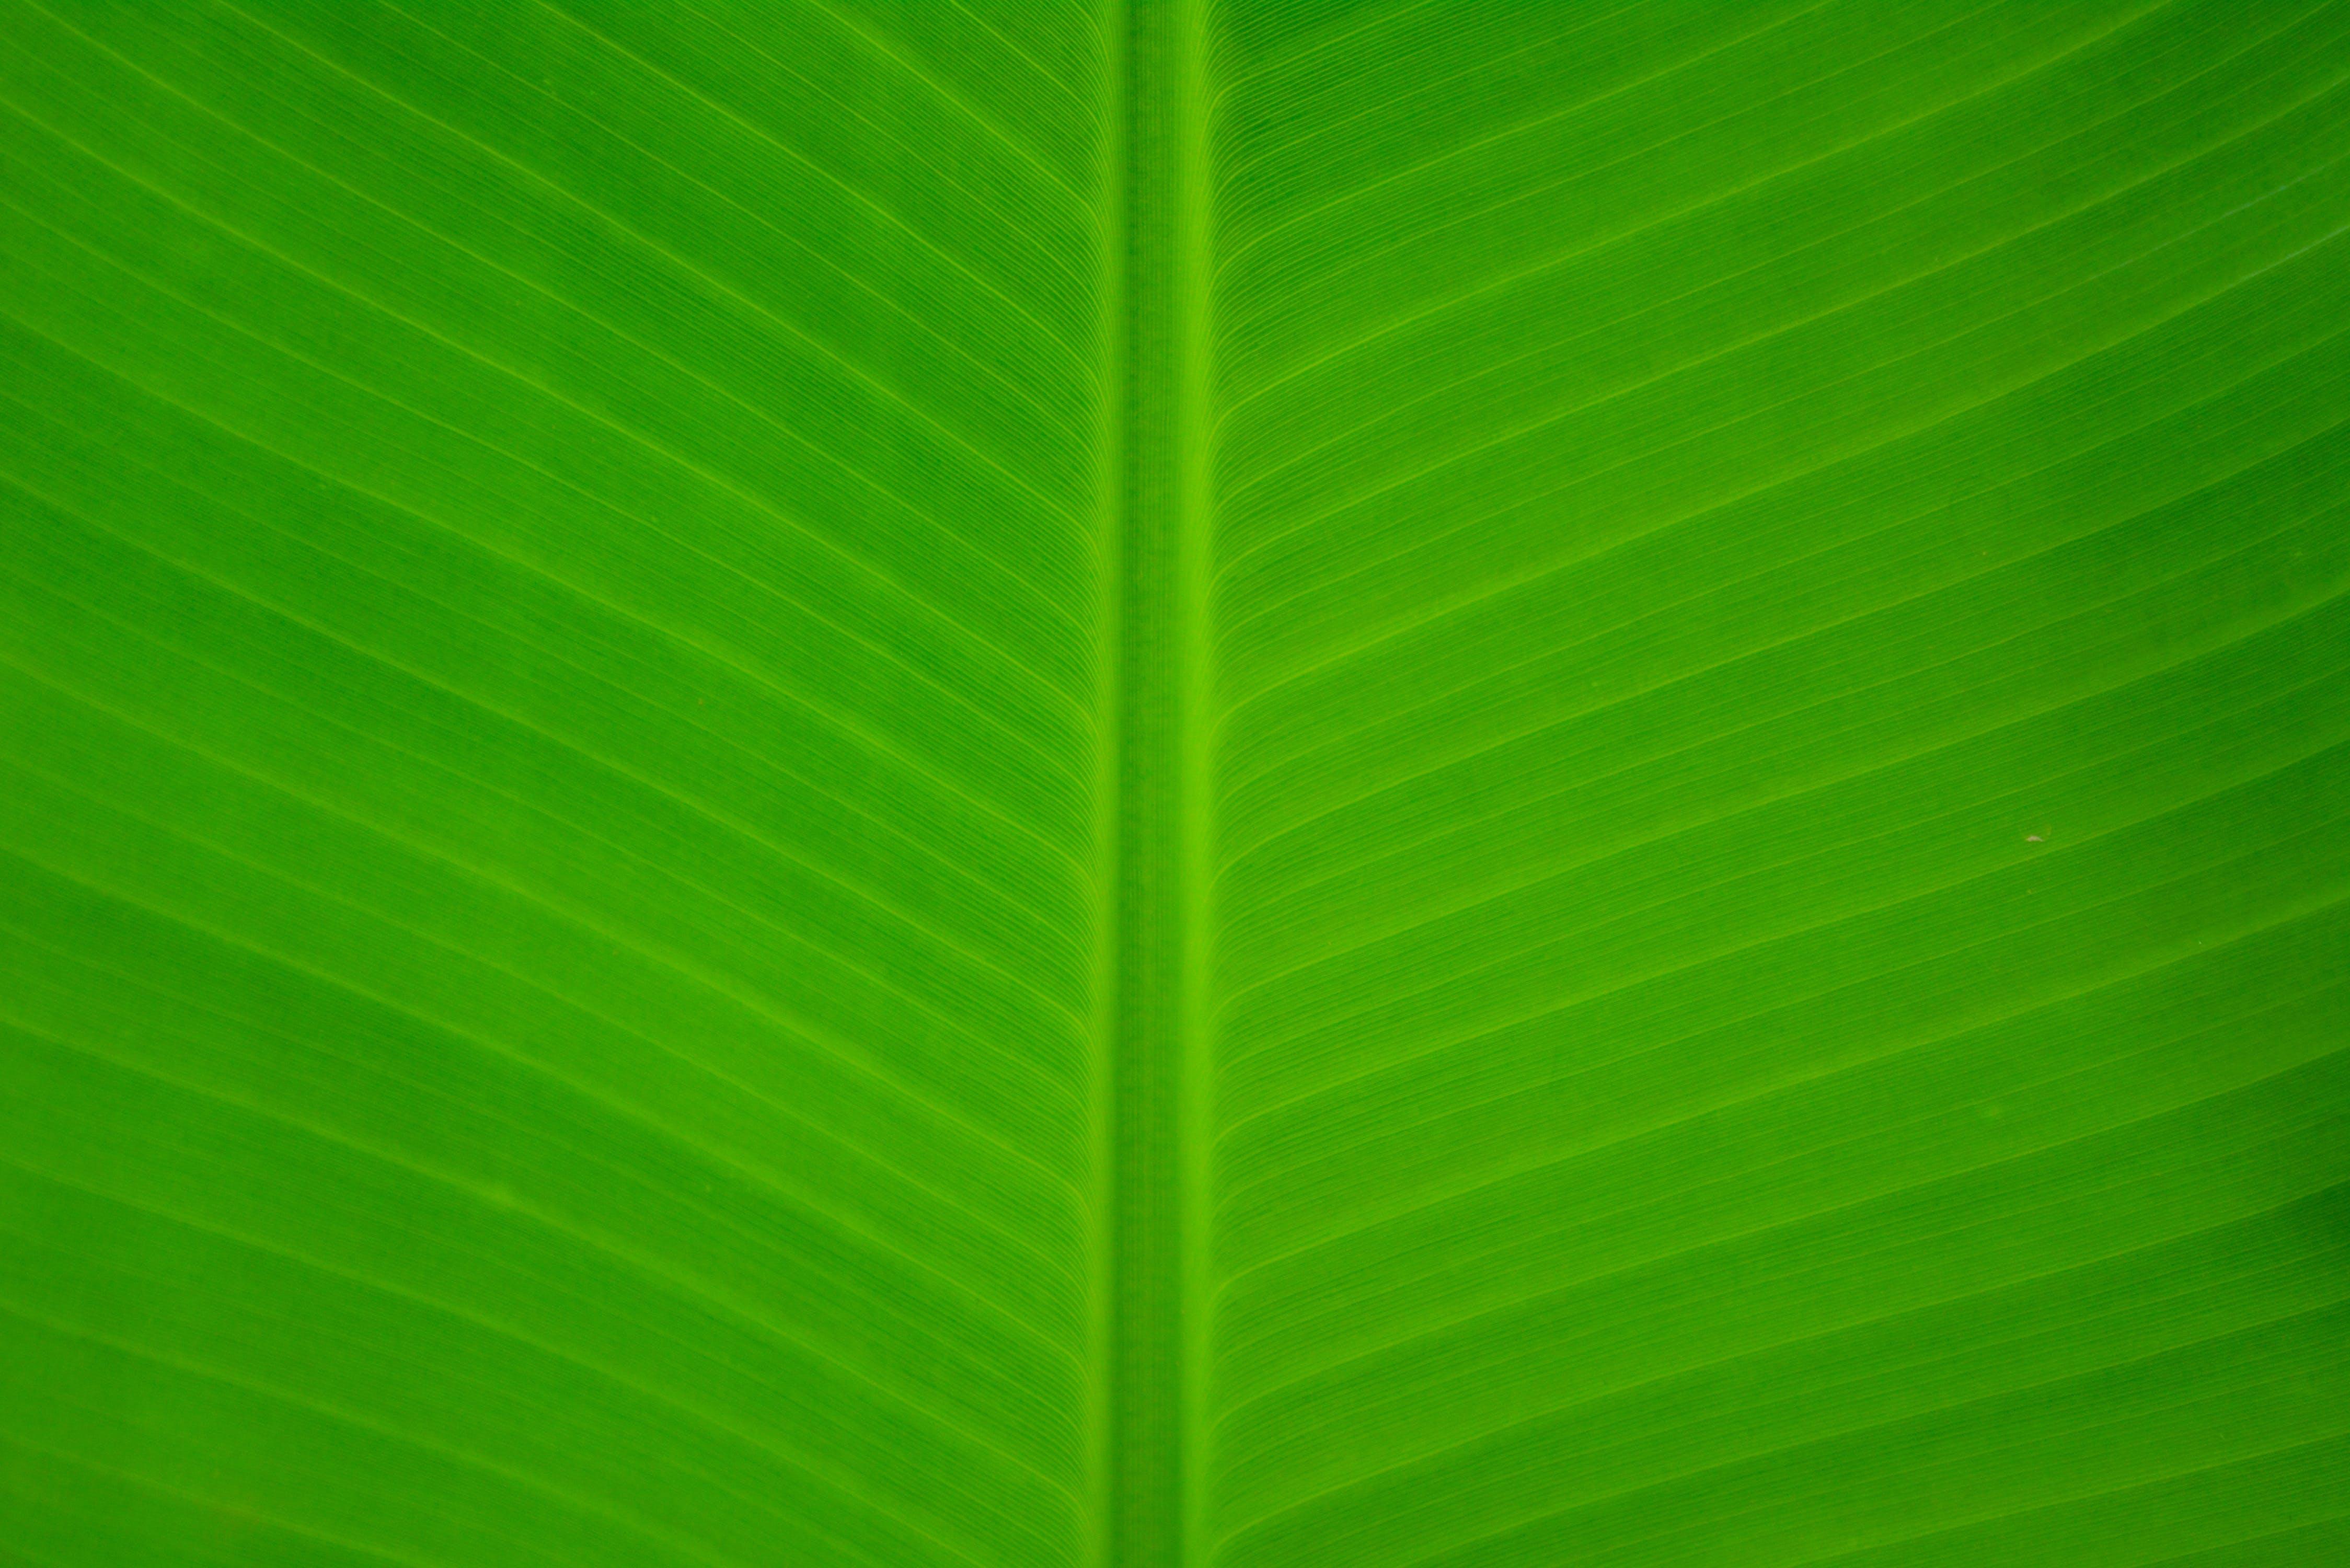 Ảnh lưu trữ miễn phí về mẫu, màu xanh lá, thực vật